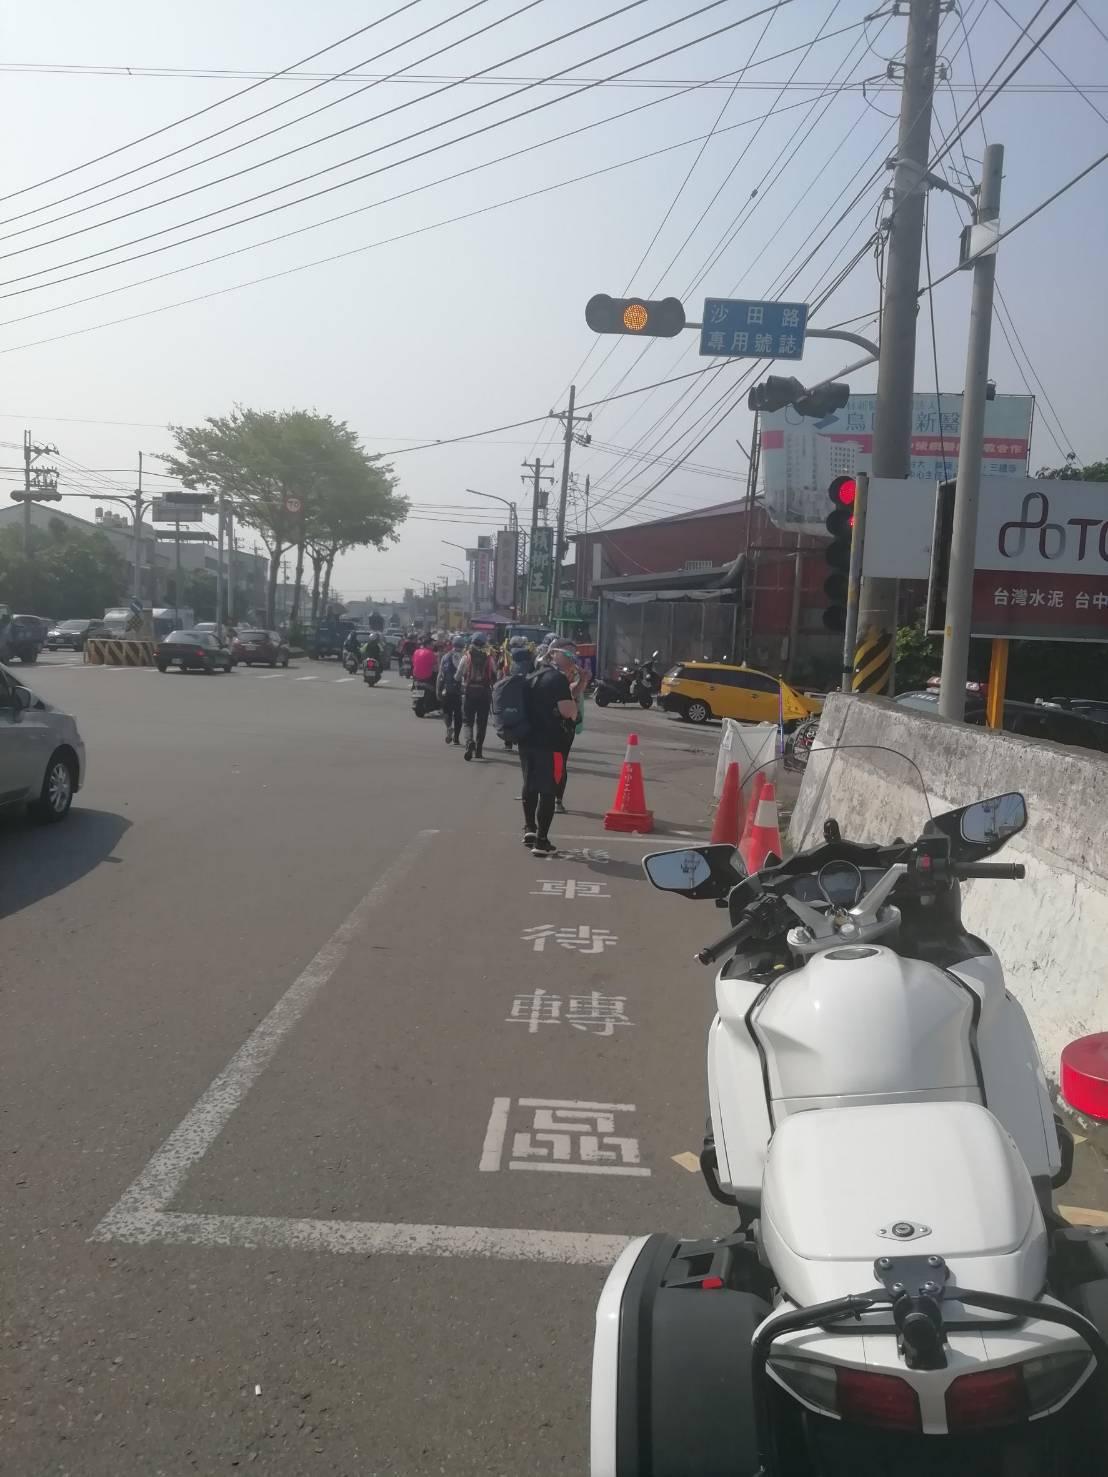 因應明天大甲媽回鑾會有相關車潮、人潮,台中市警局進行交通管制。圖/台中市警局提供